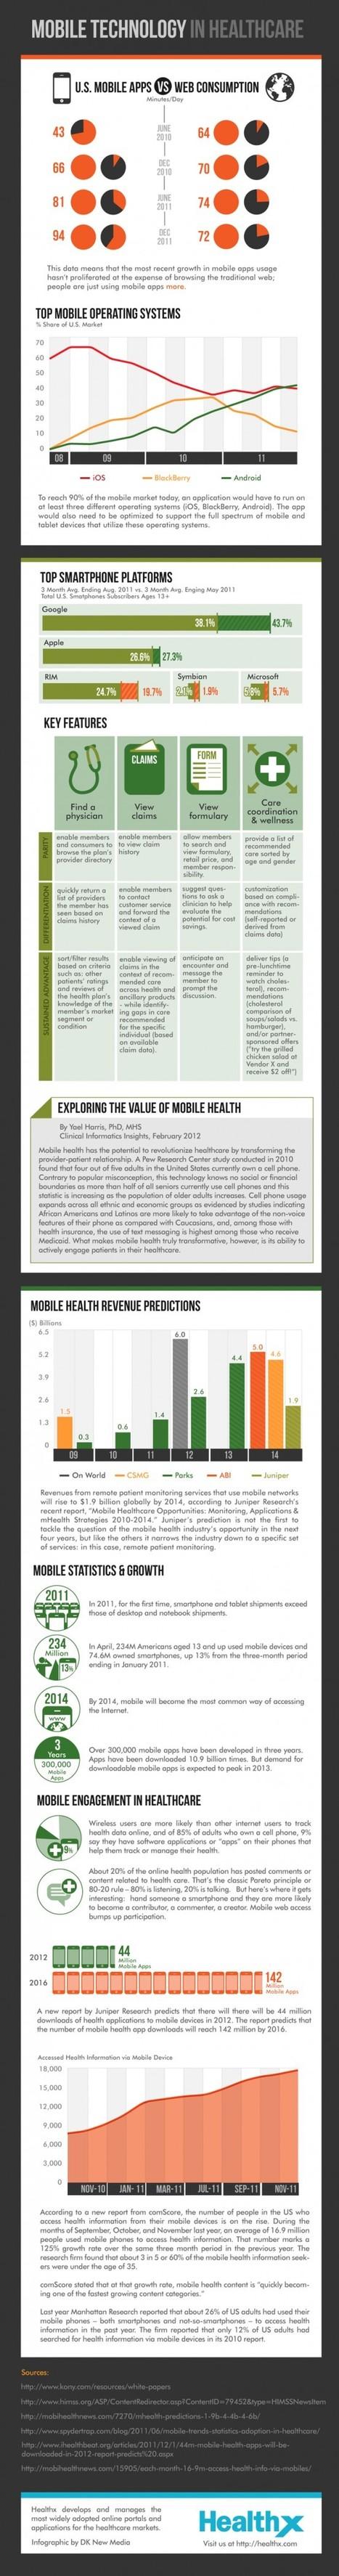 Healthcare App usage is booming | Health IT ☤ Informatics | Scoop.it